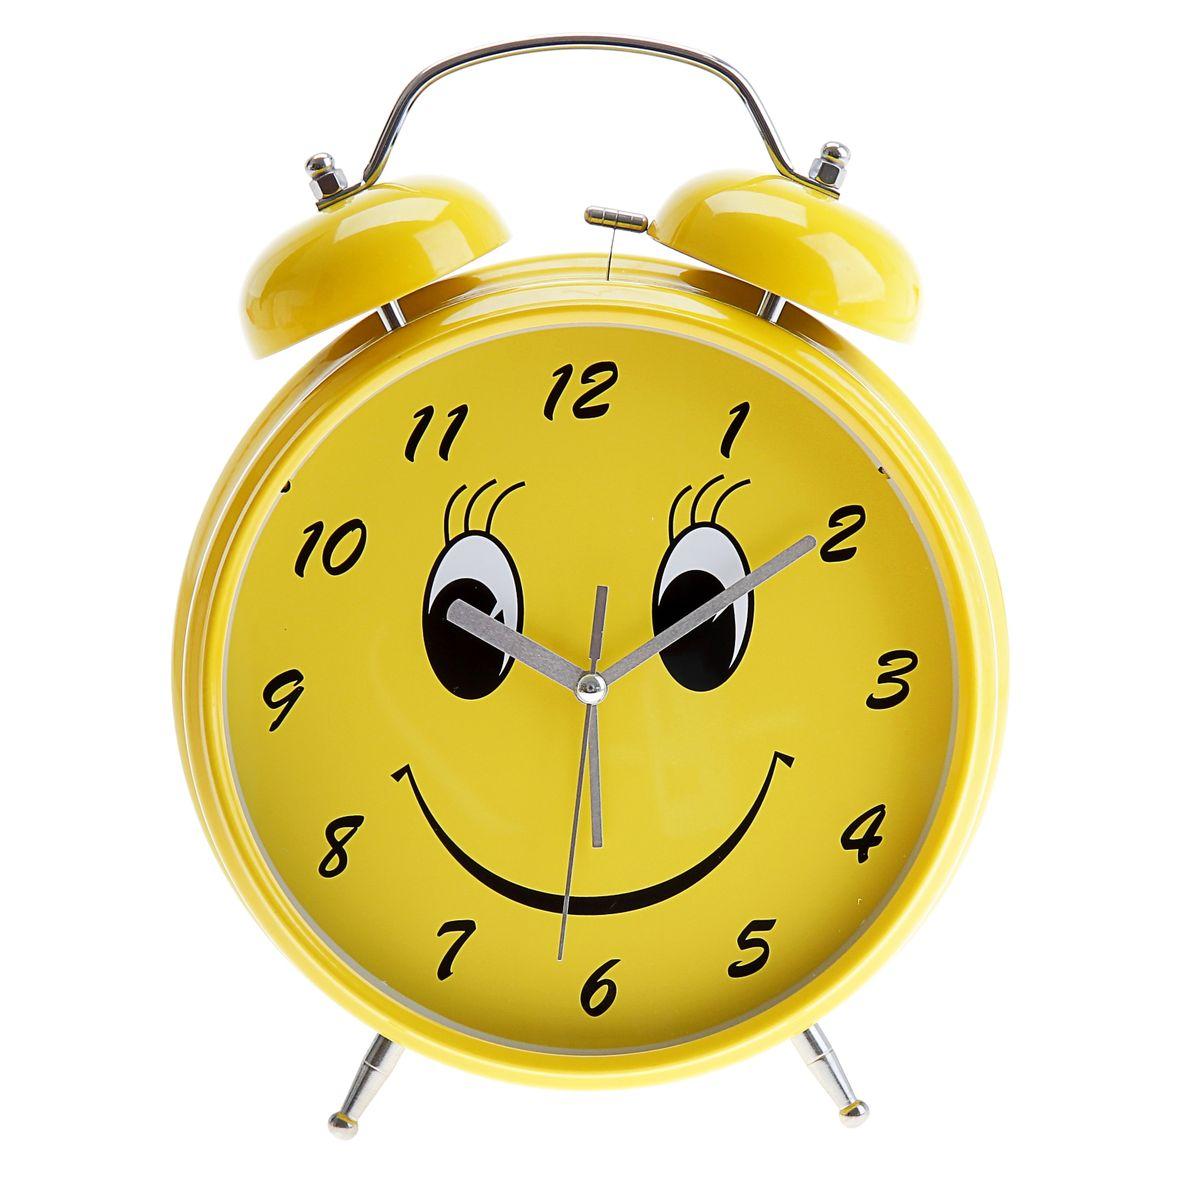 Часы-будильник Sima-land Смайл, цвет: желтый, диаметр 20 см556727Часы-будильник Sima-land Смайл - это невероятных размеров устройство, созданное специально для тех, кто с трудом просыпается по утрам!Изделие обладает ярким интересным дизайном в виде смайла на циферблате. Такой будильник станет изюминкой вашего интерьера.Будильник работает от 3 батареек типа АА 1,5 В (в комплект не входят). На задней панели будильника расположены переключатель включения/выключения механизма, два поворотных рычага для настройки текущего времени и установки будильника, а также кнопка для включения подсветки циферблата.Диаметр циферблата: 20 см.